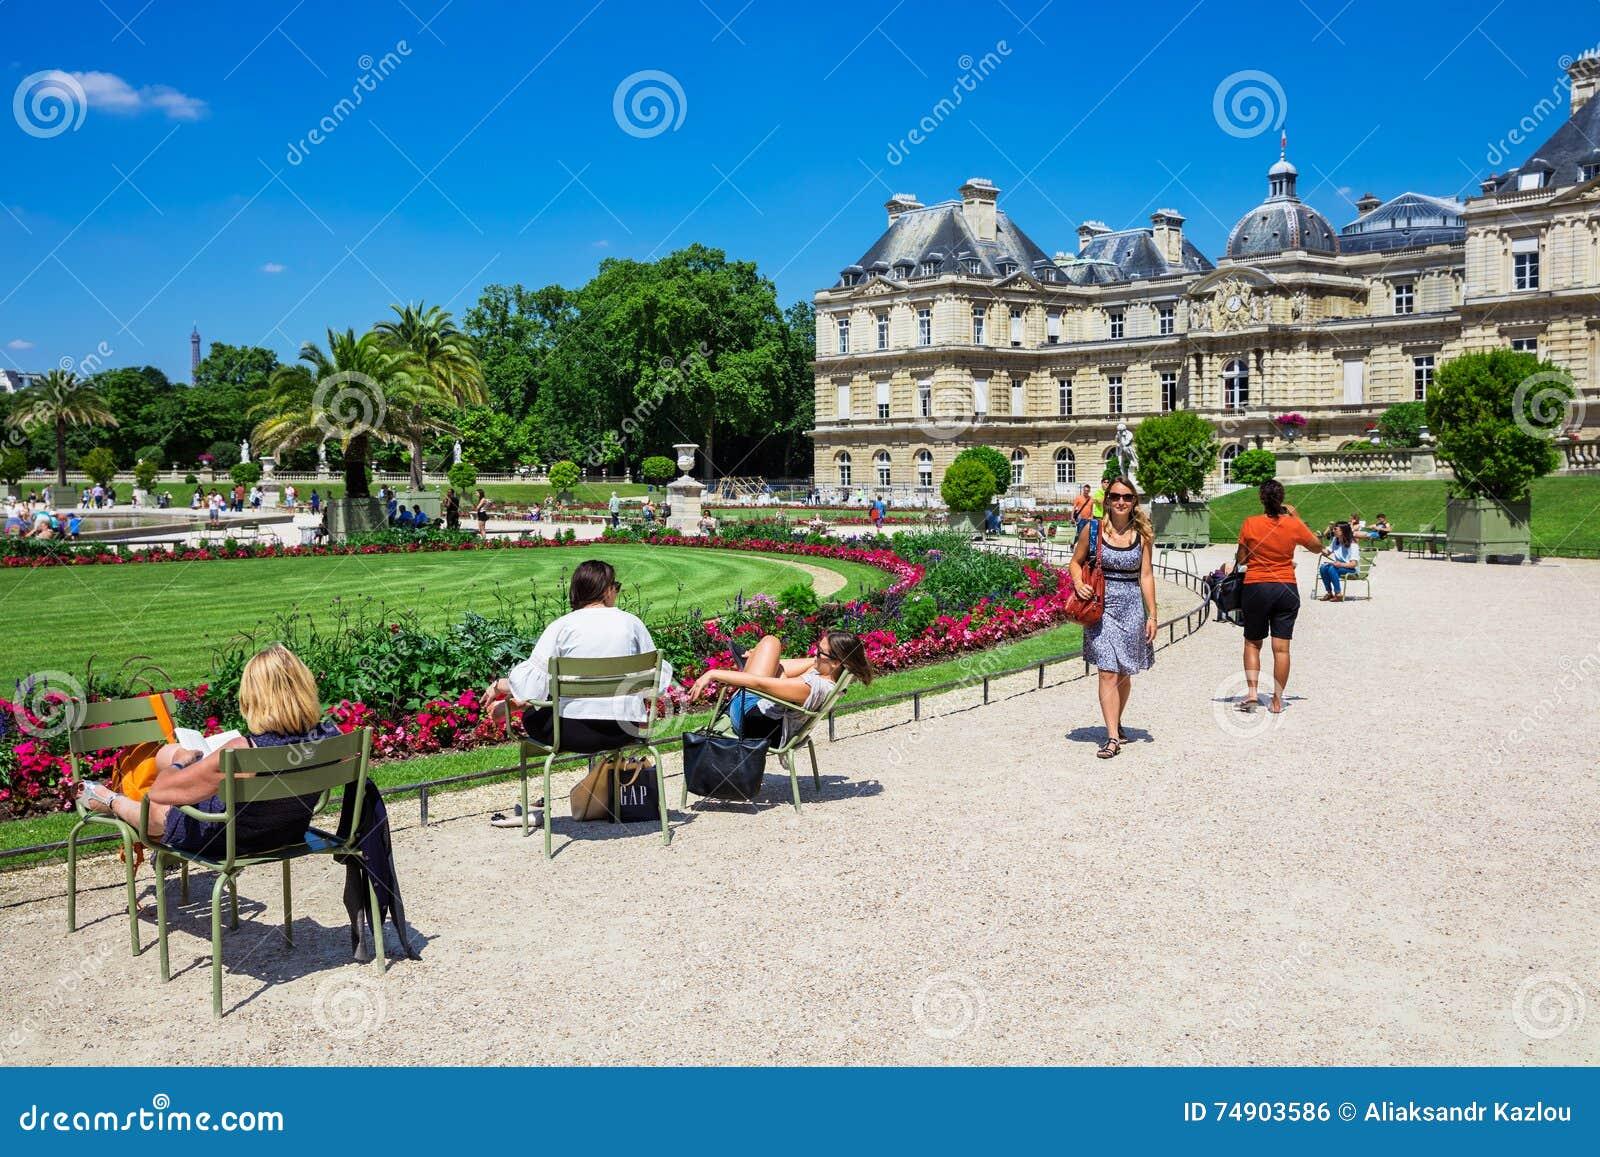 Il palazzo ai giardini di lussemburgo parigi francia del